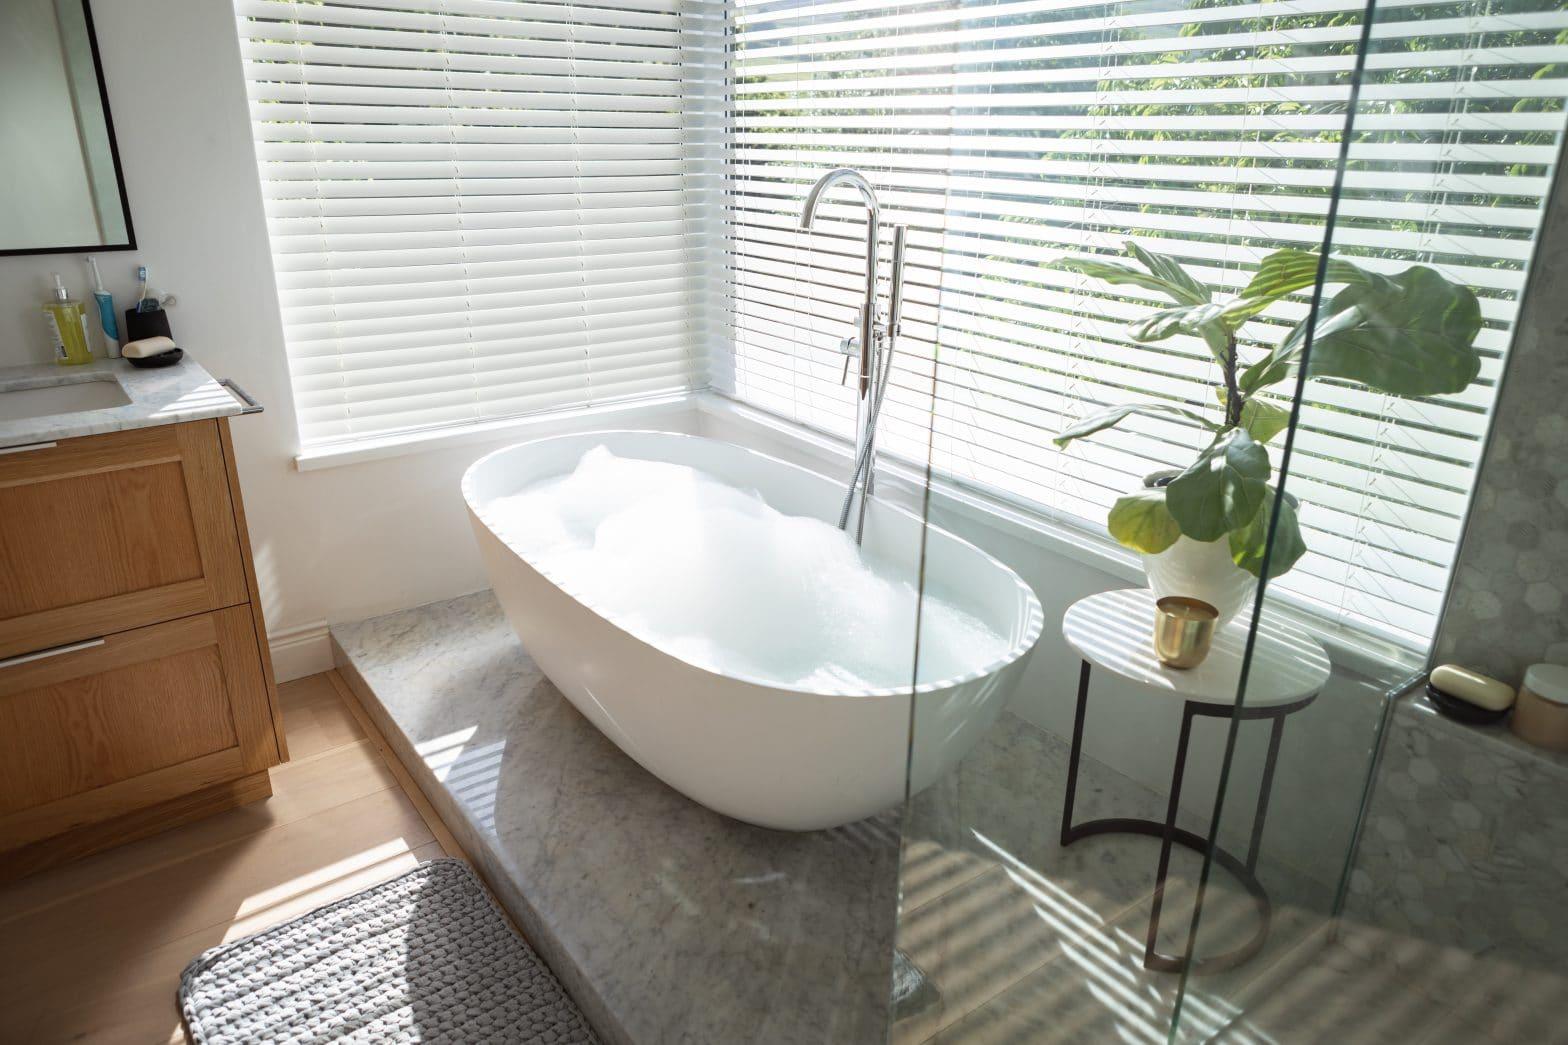 reformar un baño de 7 metros cuadrados